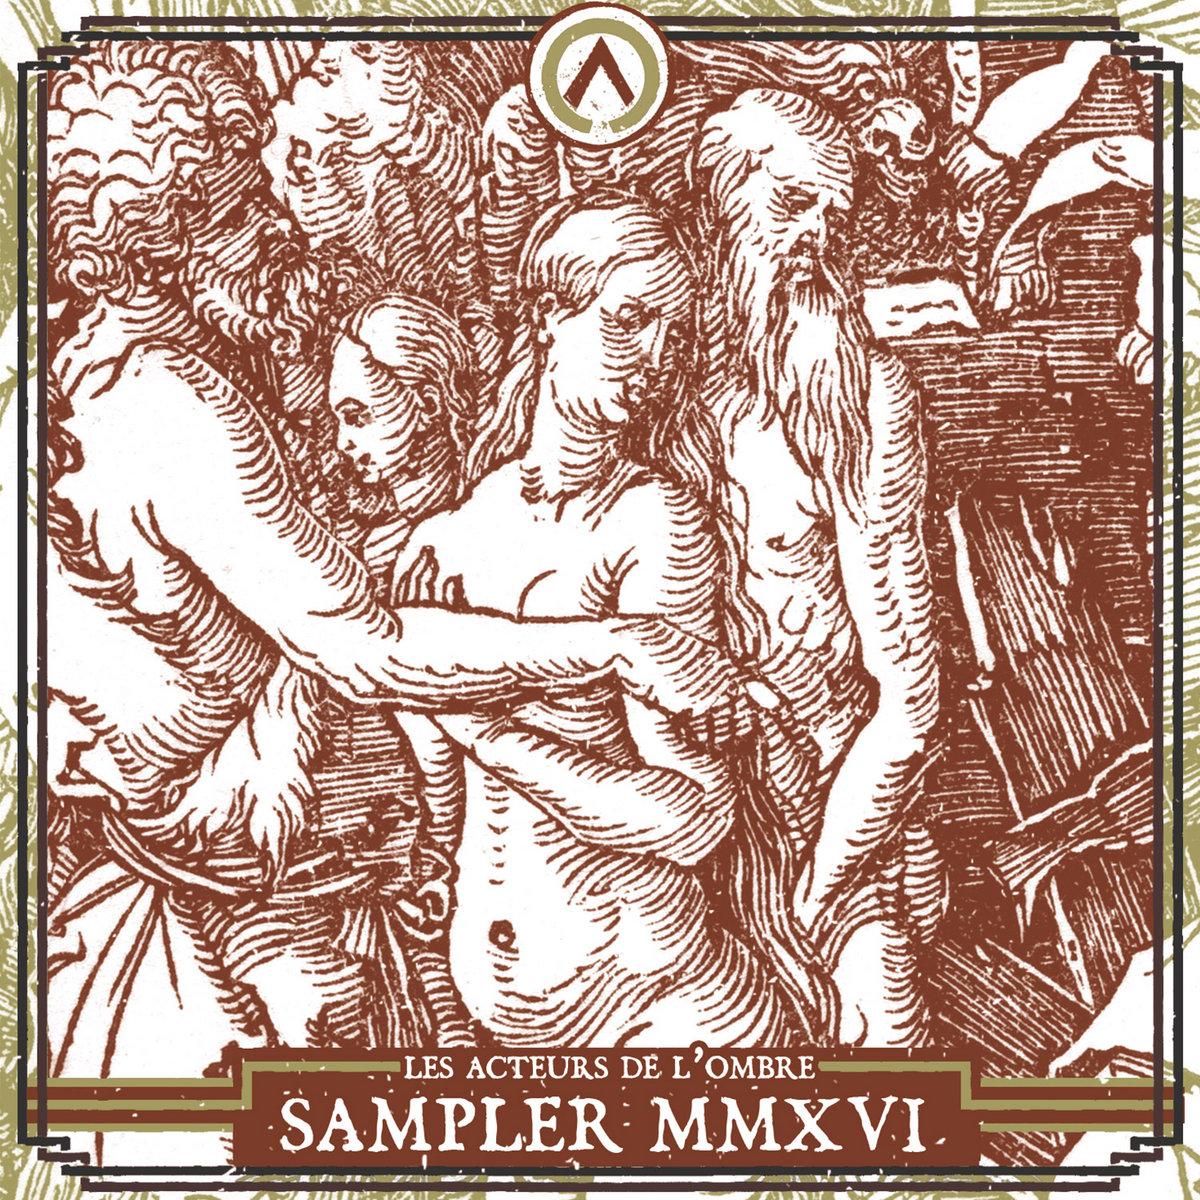 http://ladlo.bandcamp.com/album/sampler-mmxvi